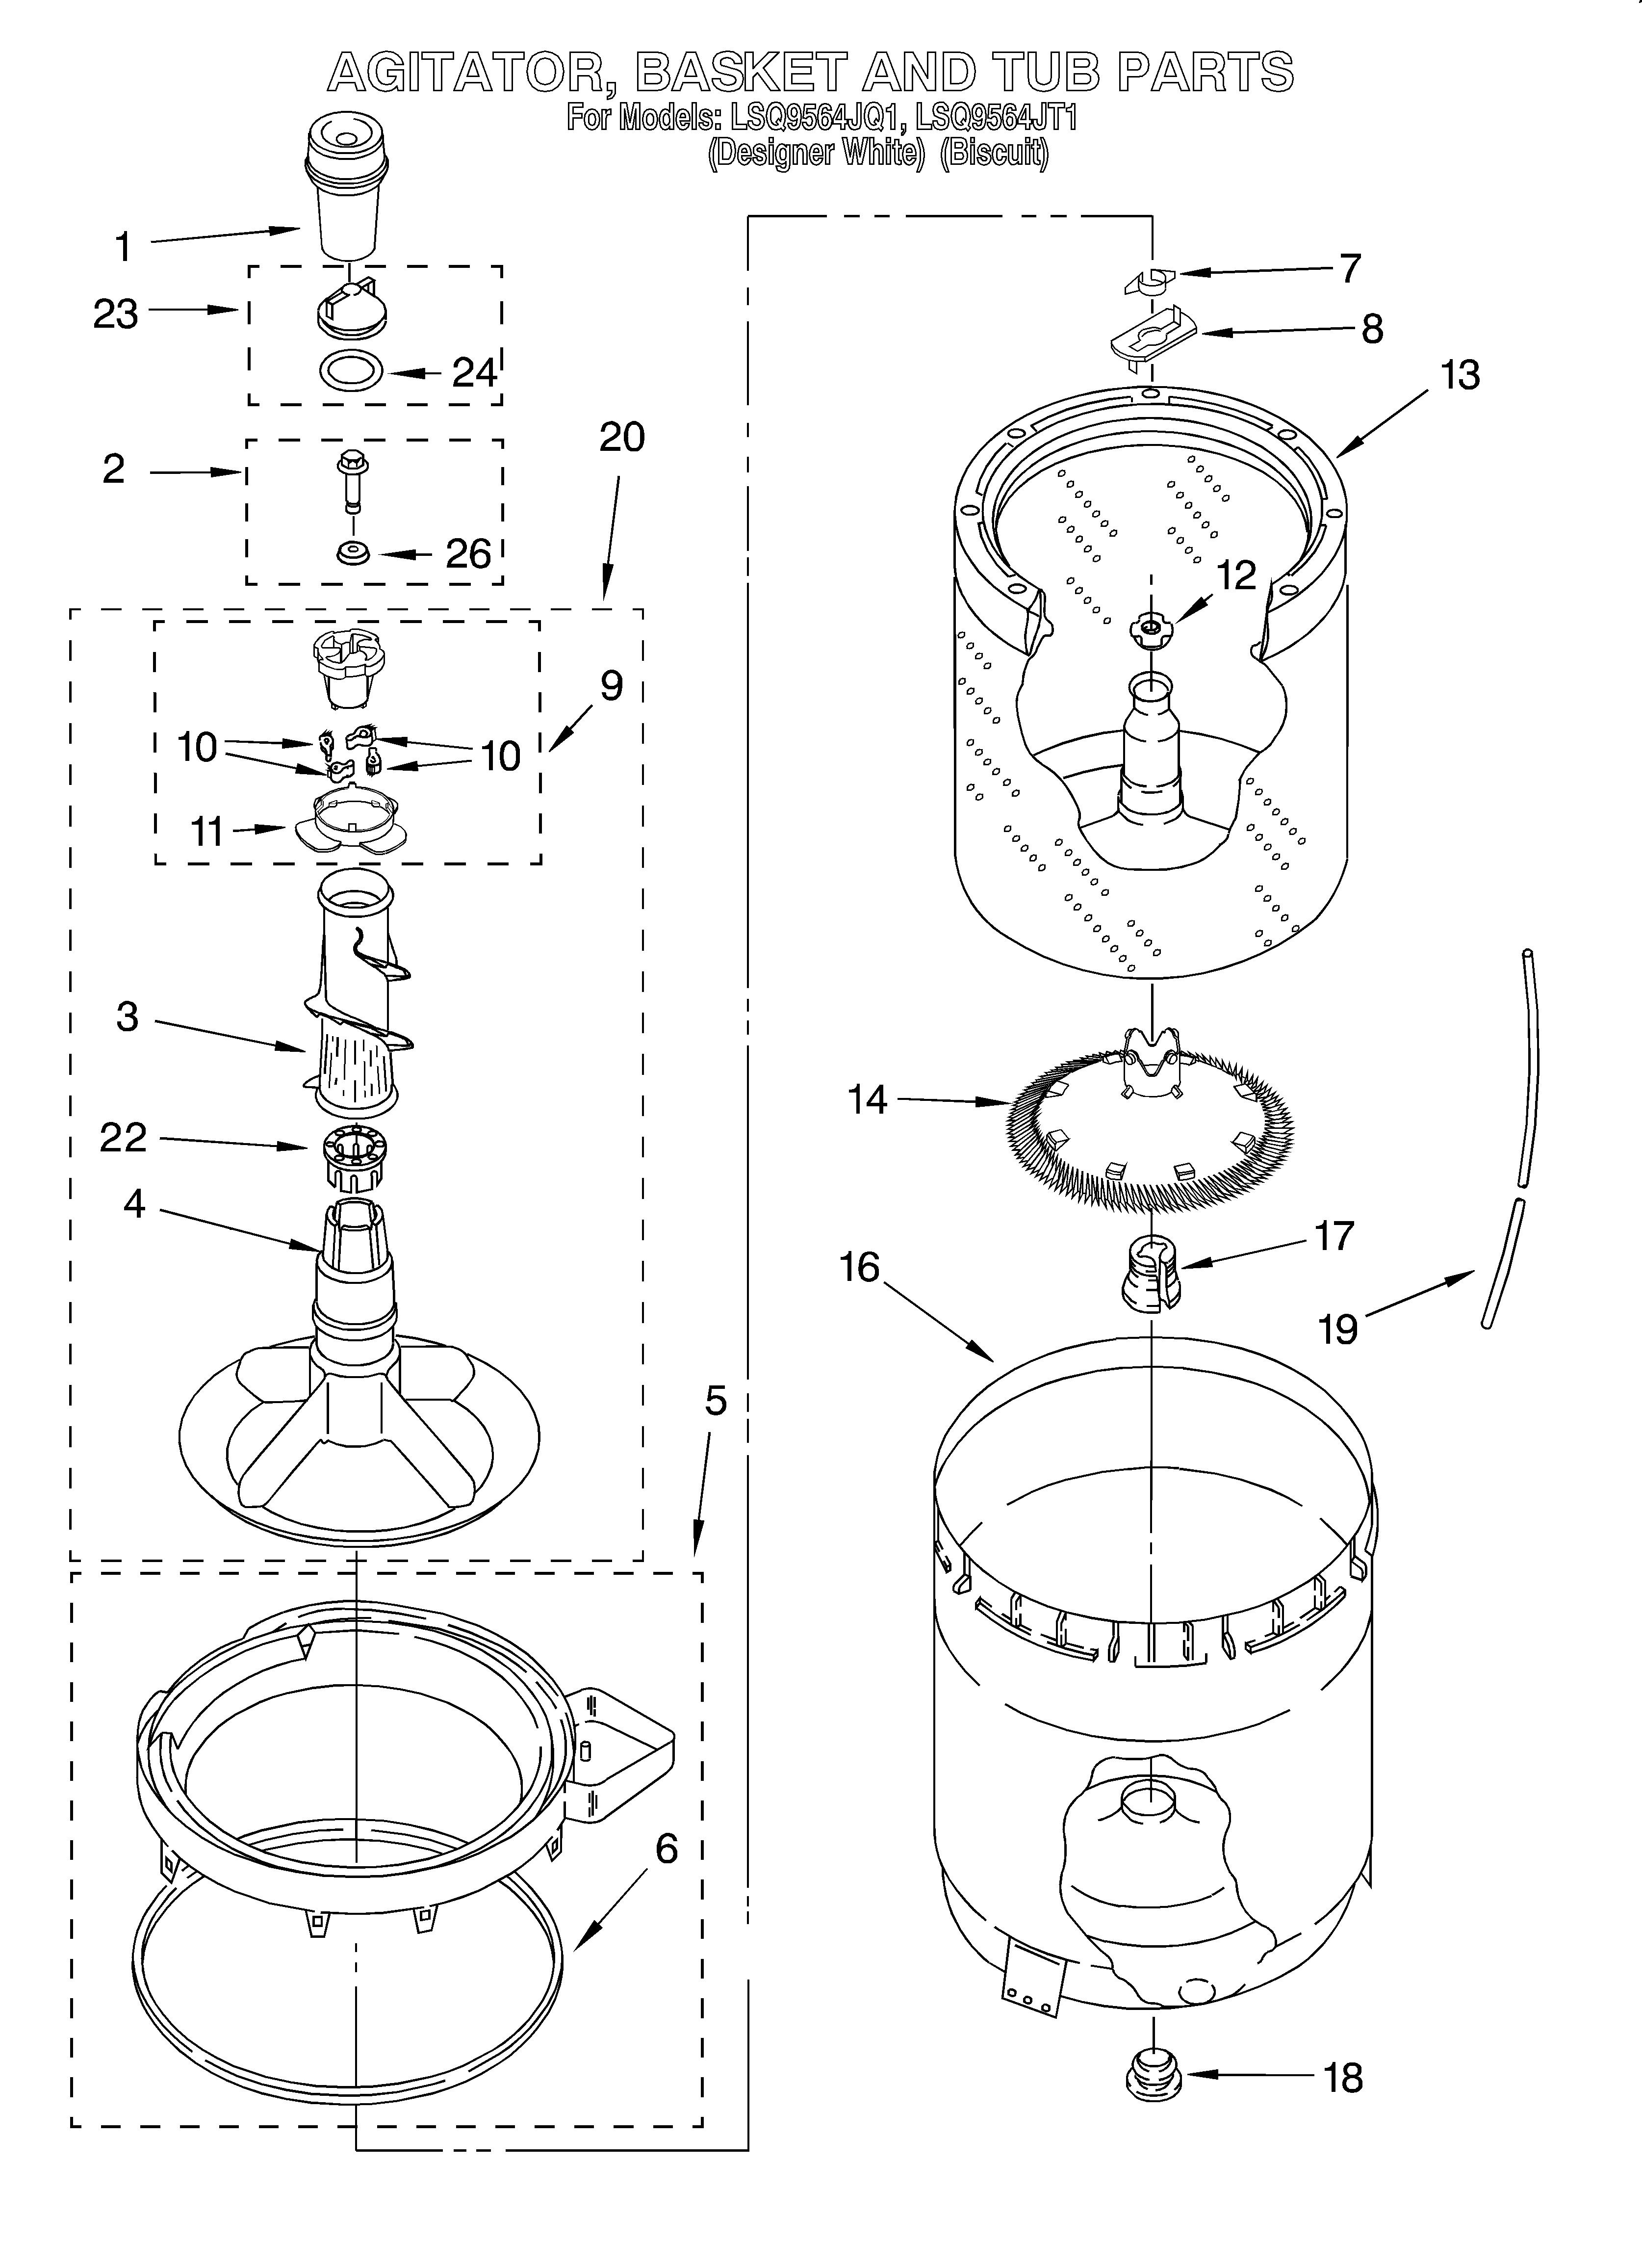 ge washer schematic wiring diagram ge washer hydro wave wiring diagram e3 wiring diagram  ge washer hydro wave wiring diagram